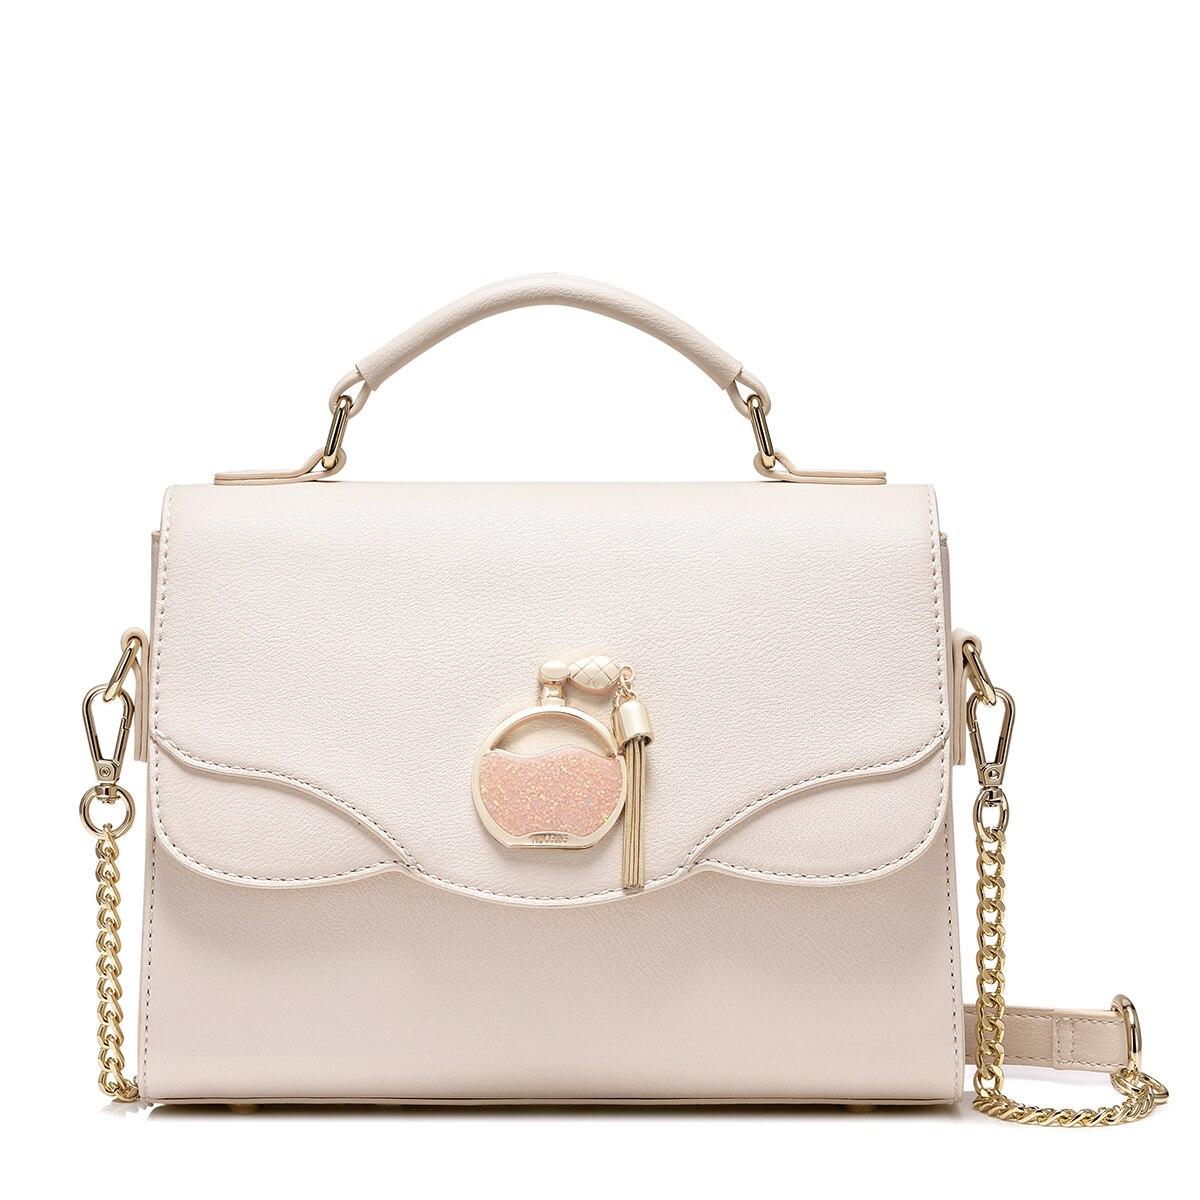 2017 Elegant Sequined Perfume Bottle Women Flap Handbag Brand Design Luxury Tassels Shoulder Bags Ladies Crossbody Messenger Bag-in Shoulder Bags from Luggage & Bags    2